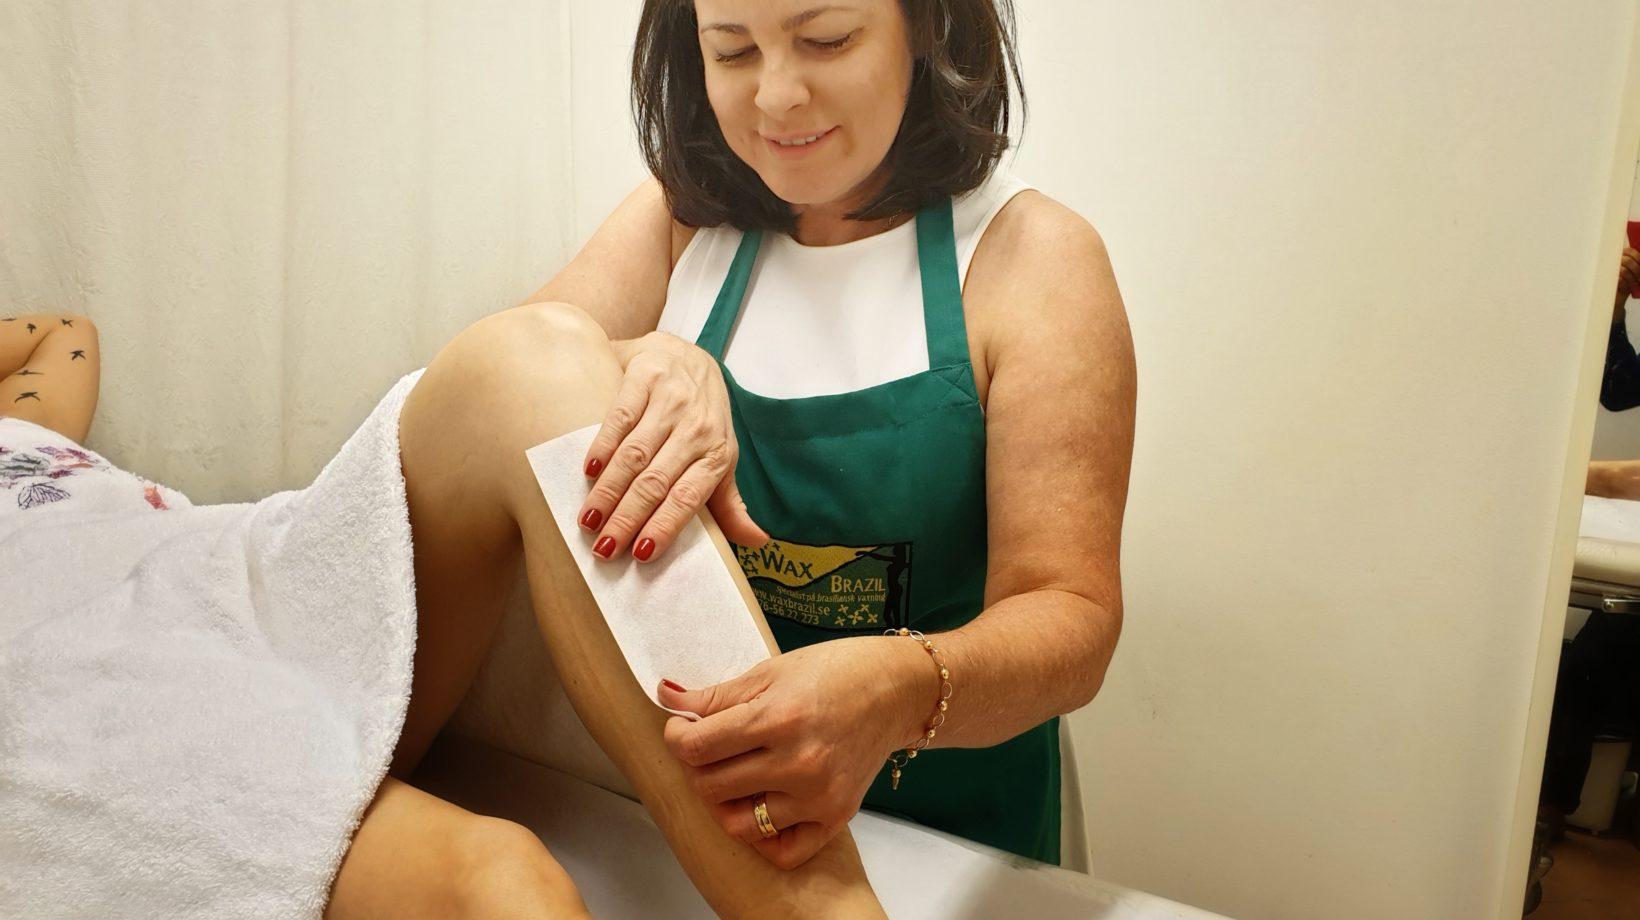 brasiliansk vaxning stockholm drop in